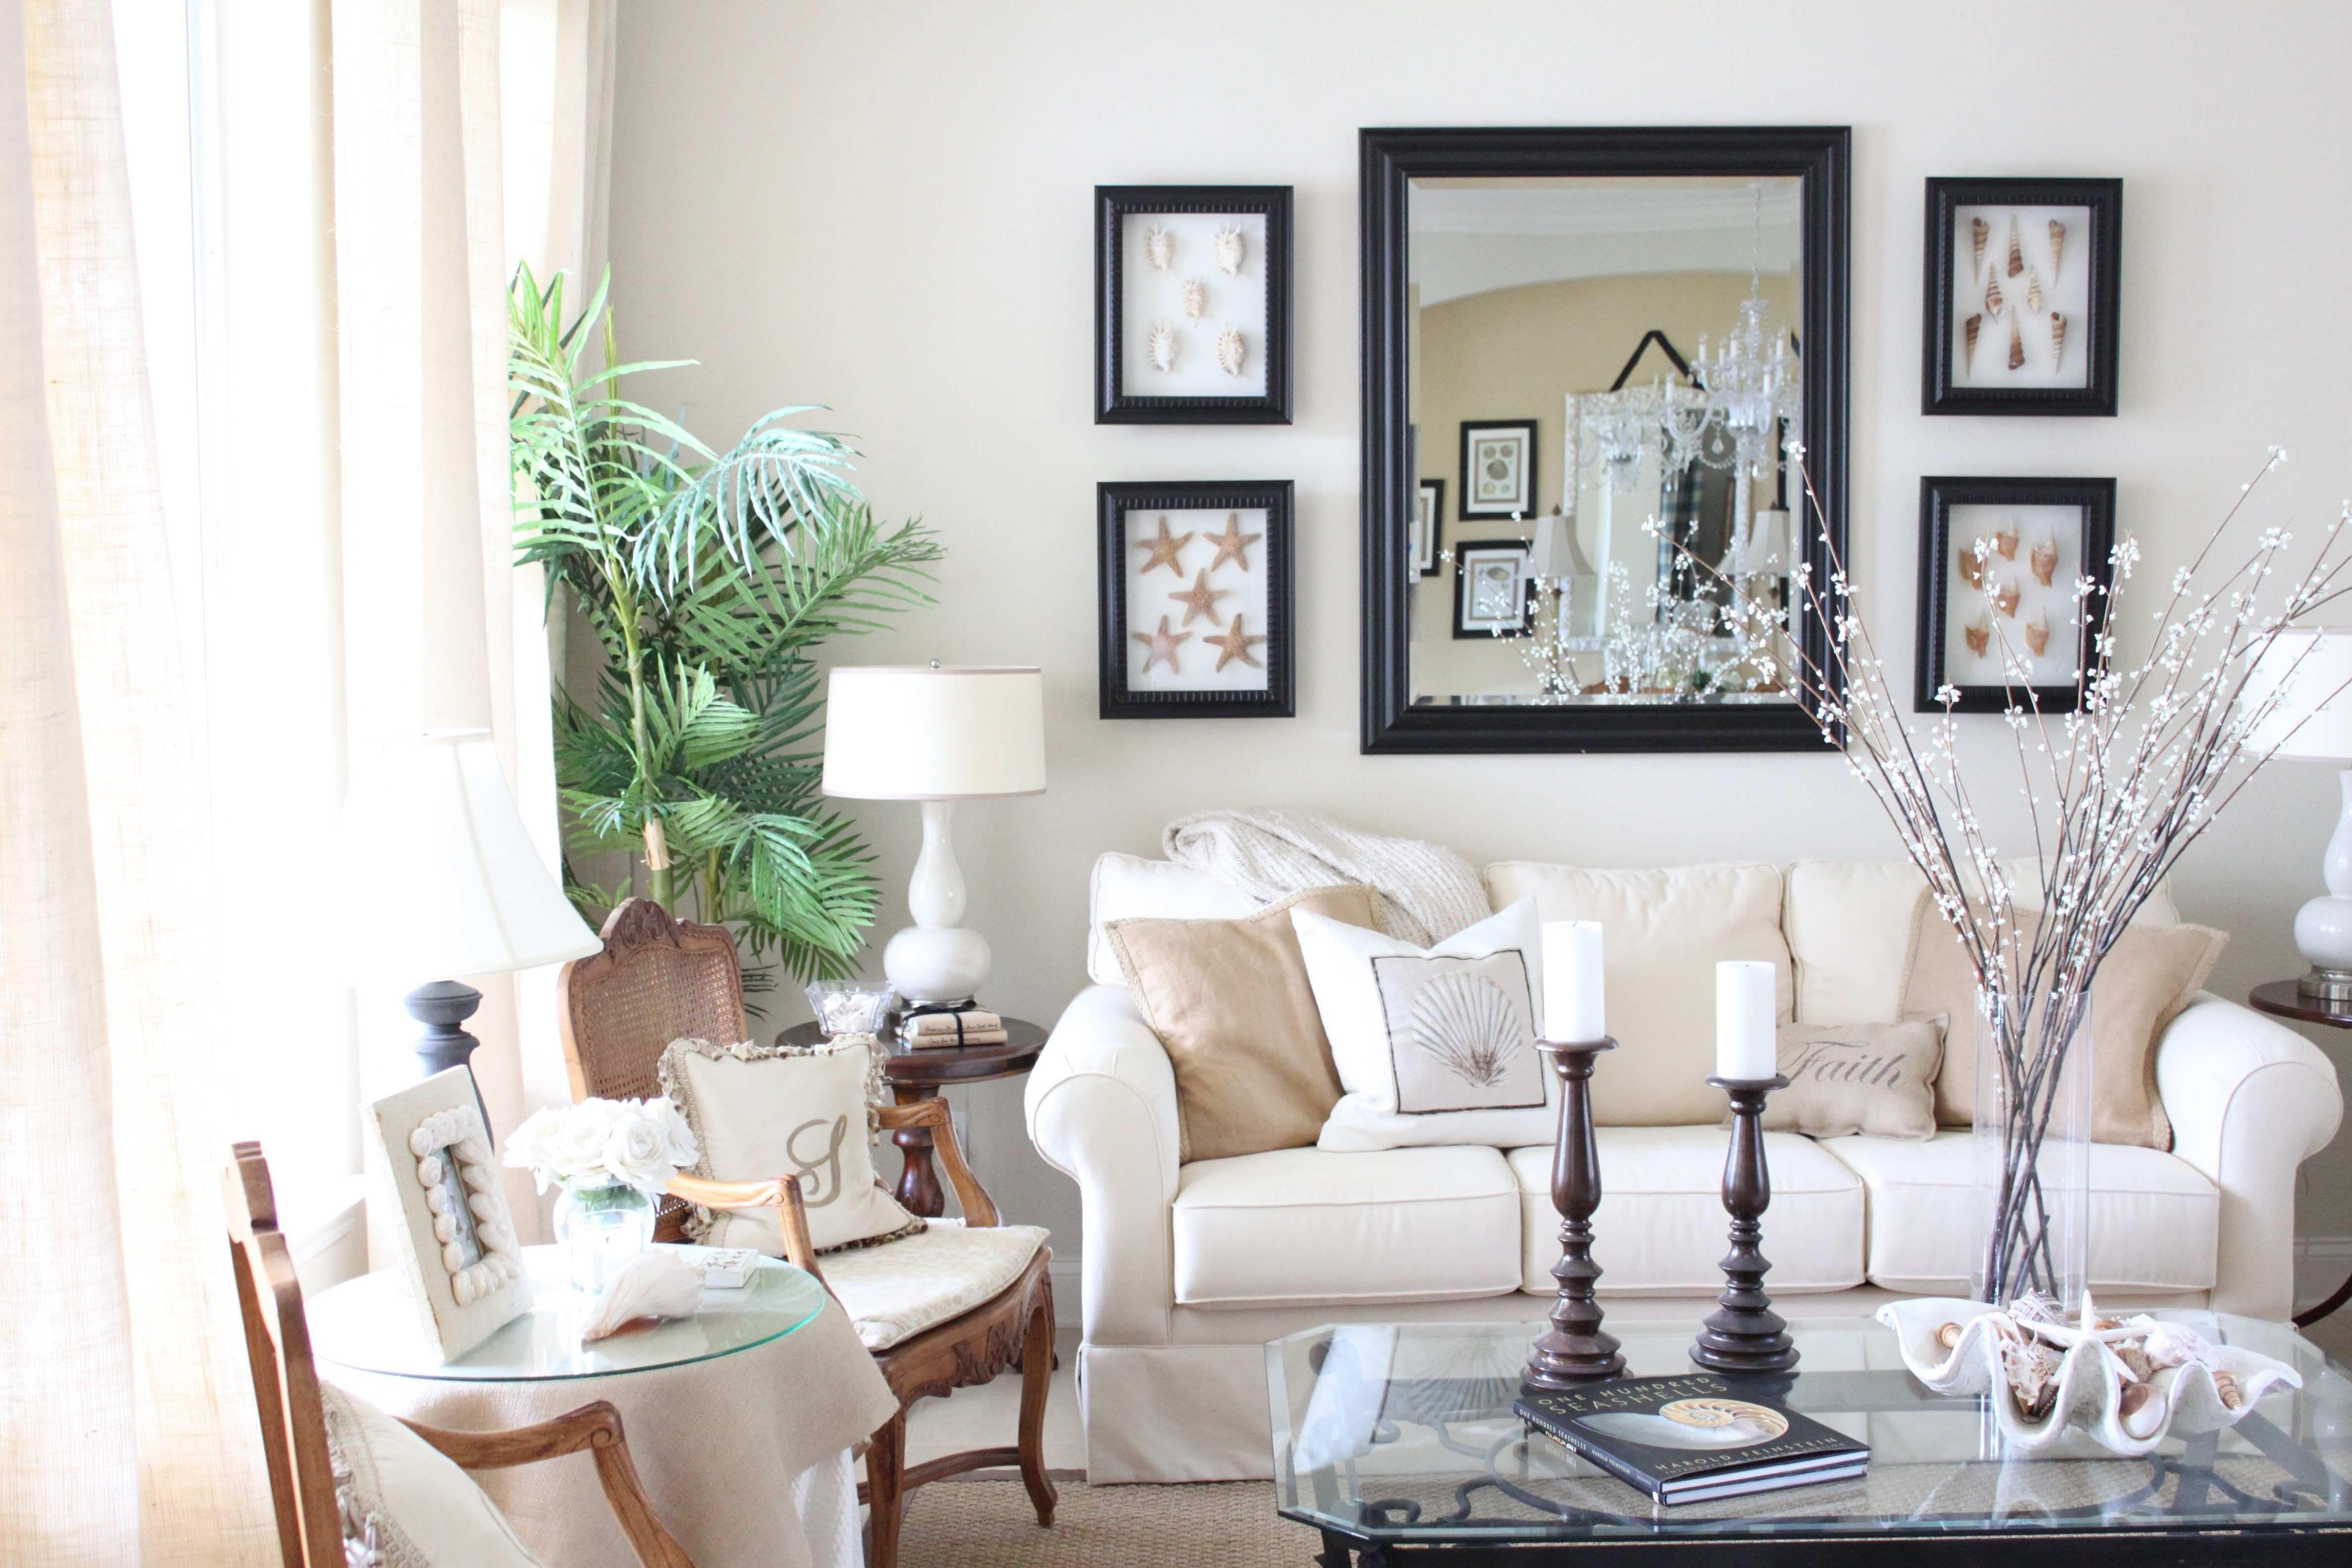 Gray Living Room Decor Ideas Unique Free Download Image Elegant Big Wall Decor Living Ruang Keluarga Mewah Ide Dekorasi Dinding Ruang Tamu Dekorasi Ruang Tamu Small traditional living rooms